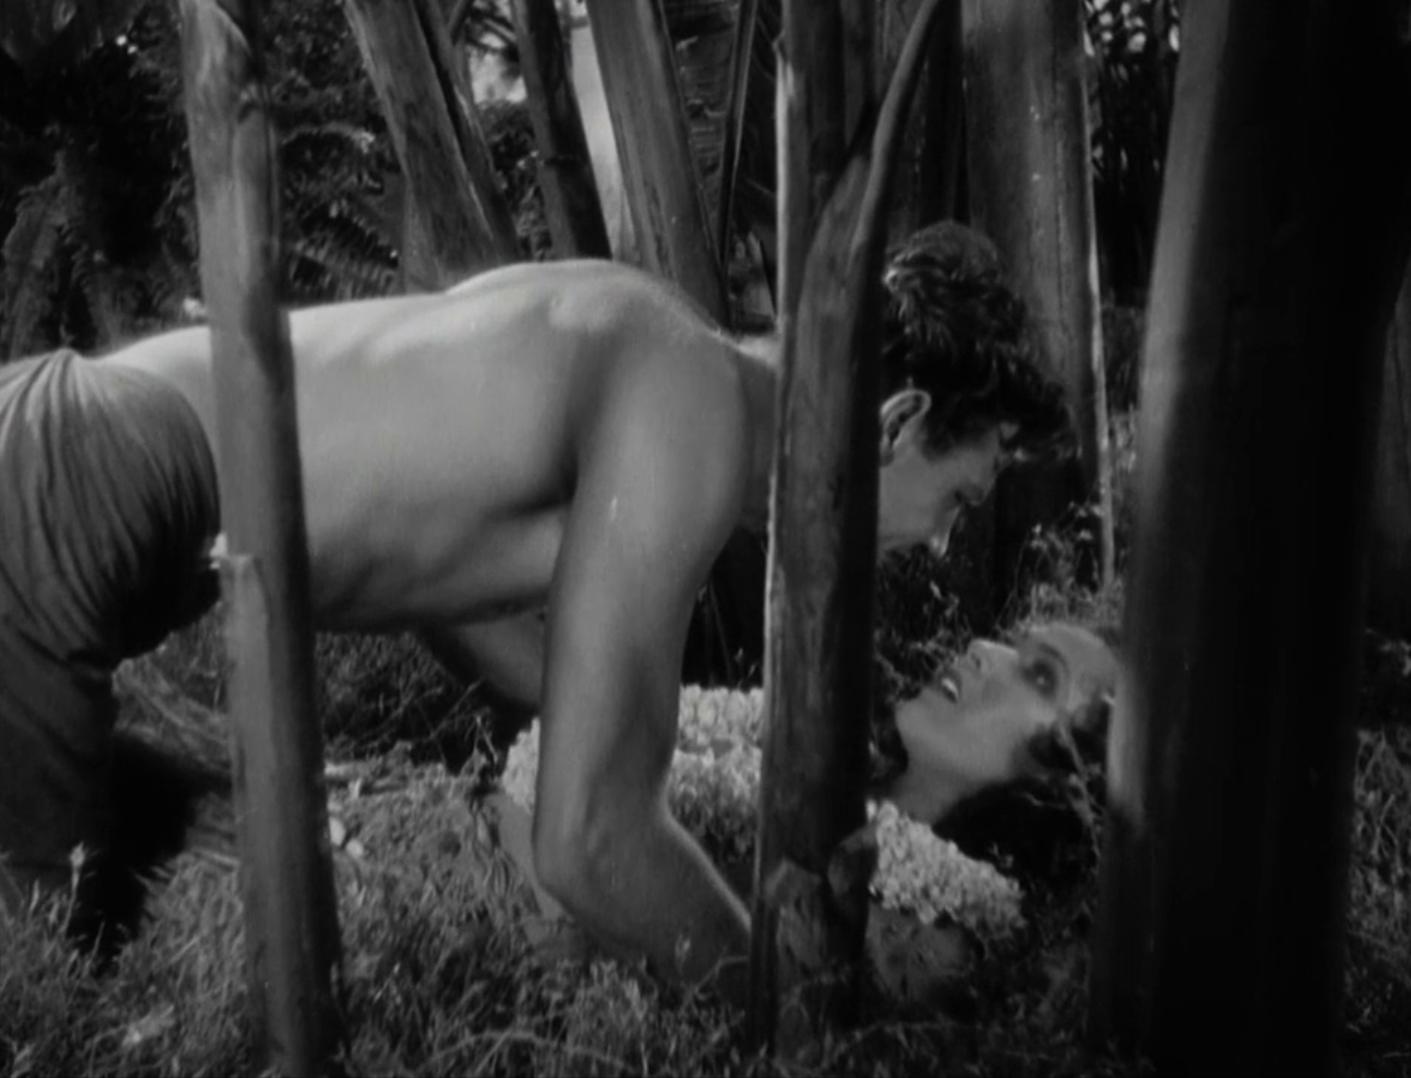 Dolores erickson nude Nude Photos